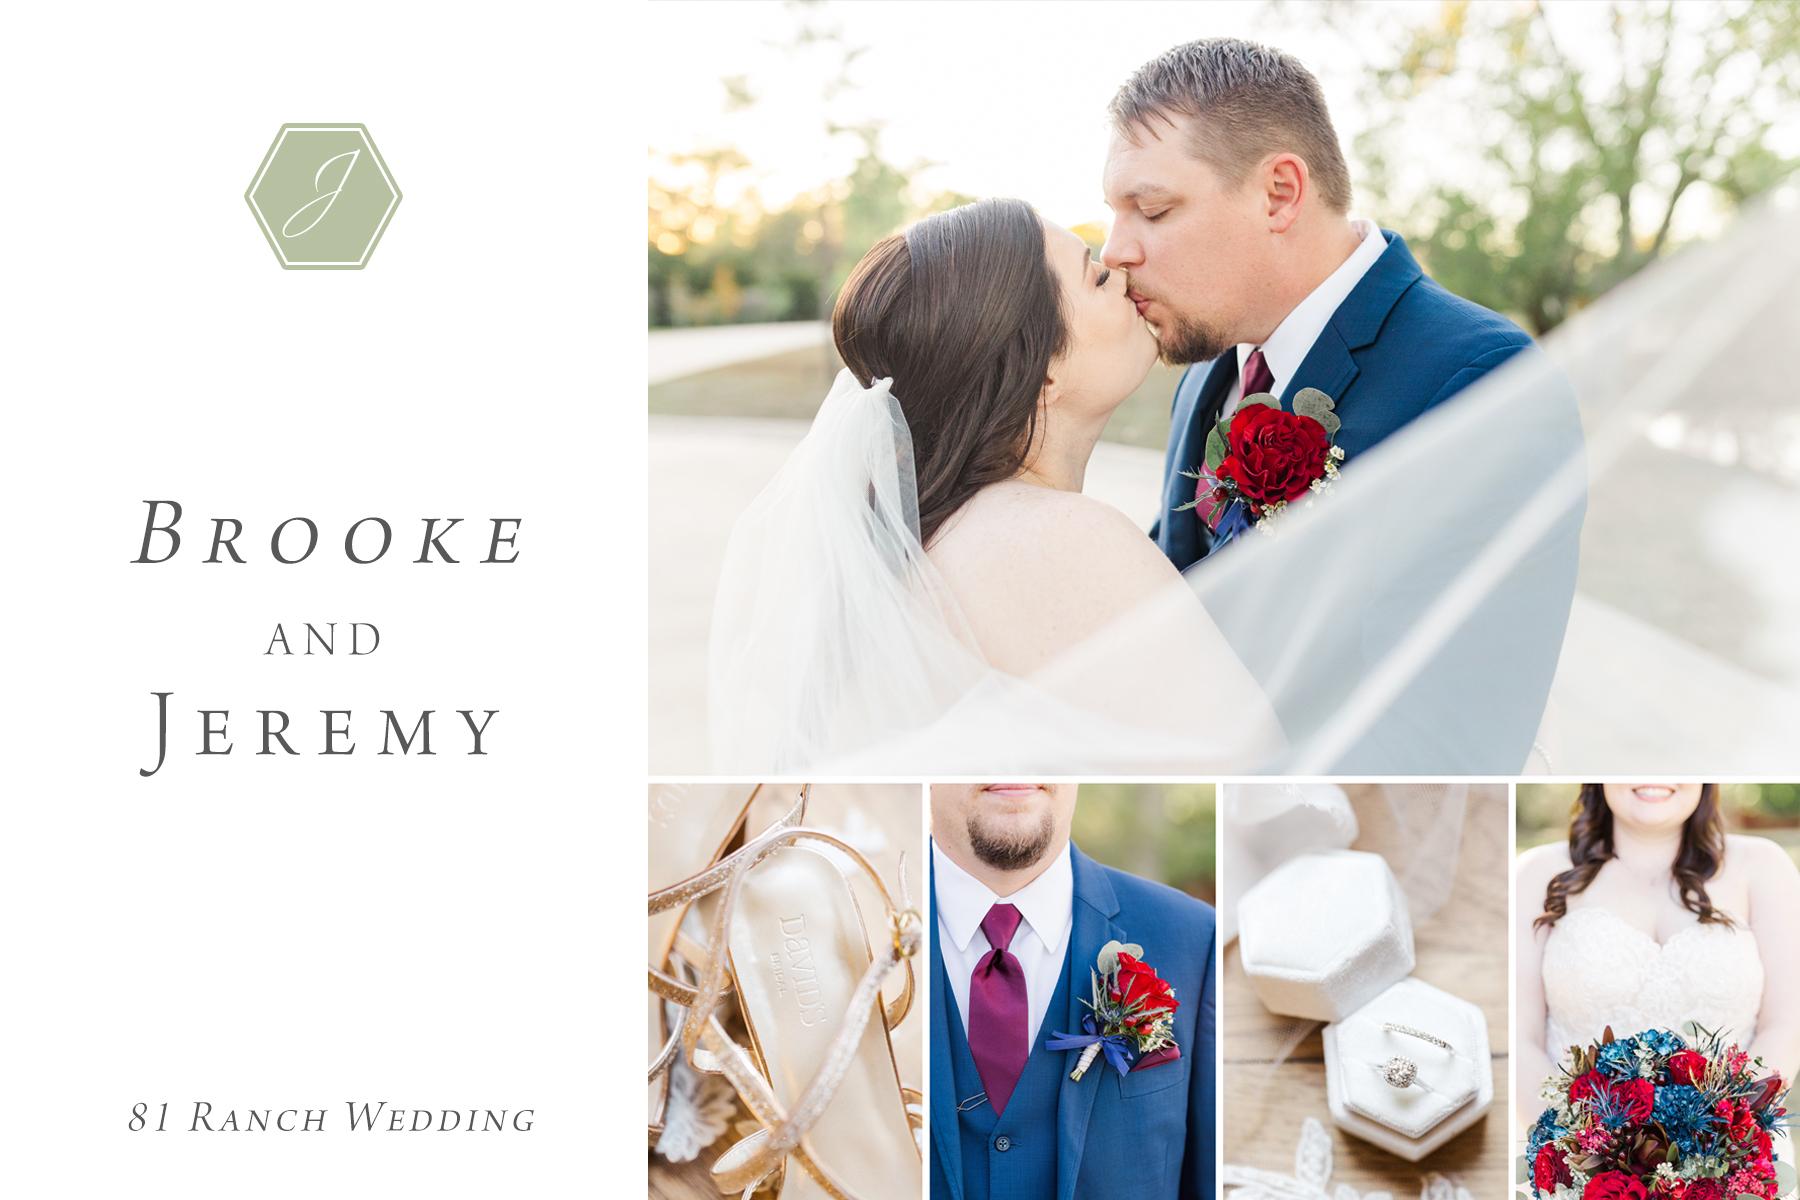 brooke-and-jeremy-81-ranch-wedding-jordyn-emmert-photography copy